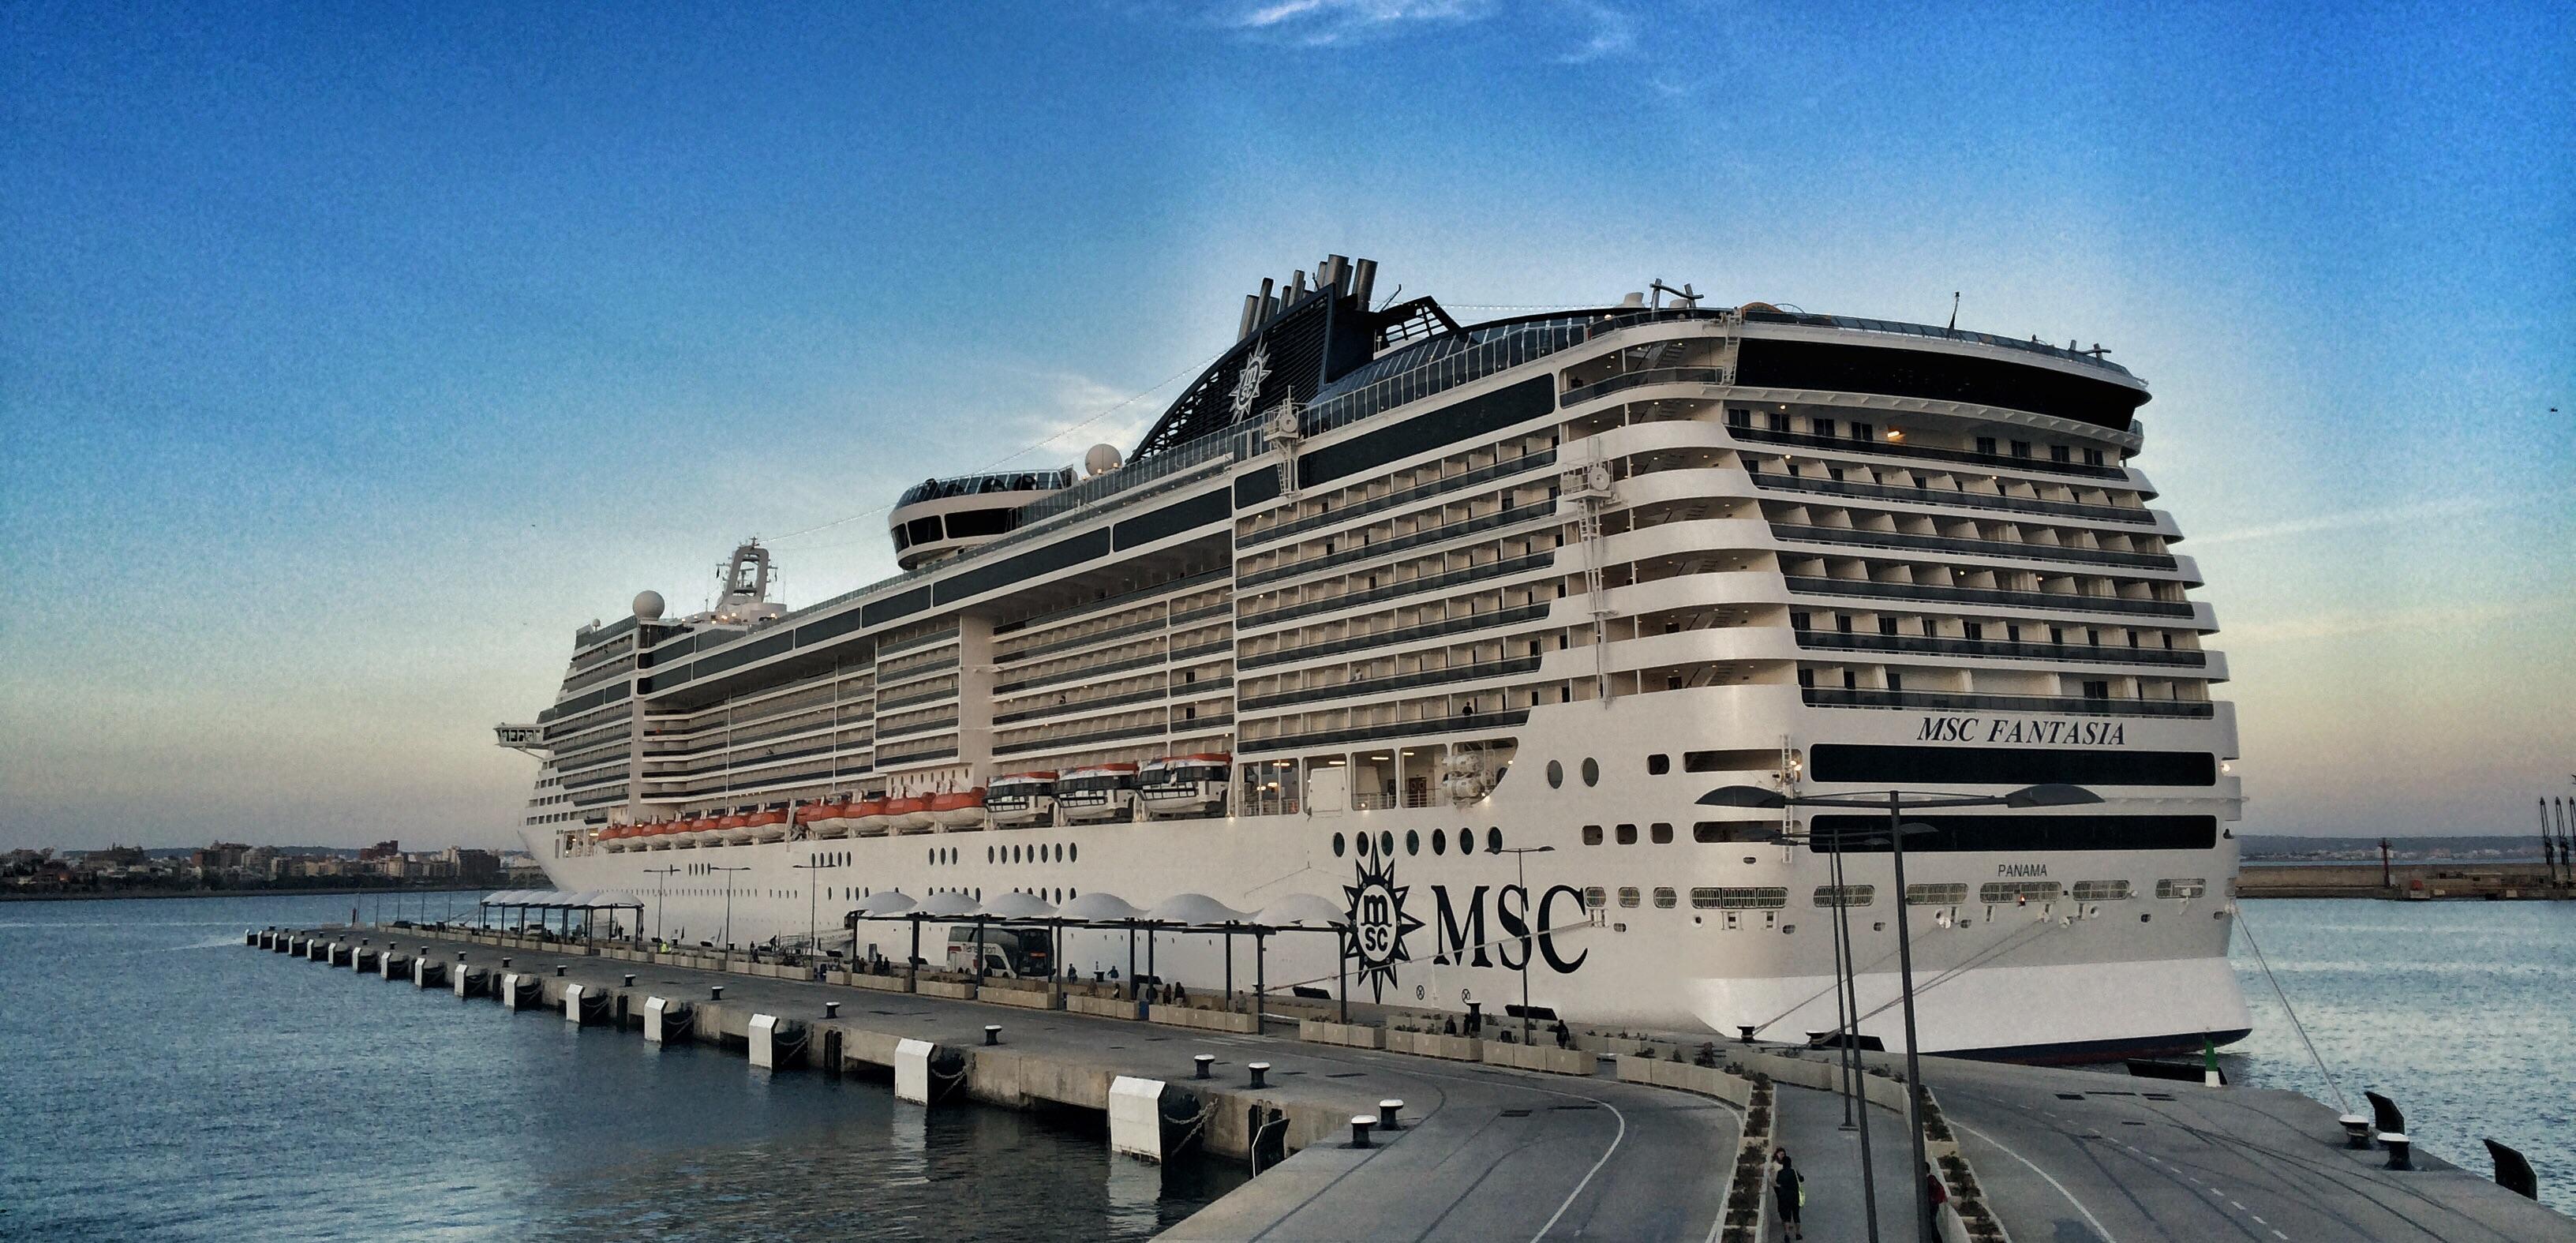 Experiența MSC Fantasia, vasul cu peste 4000 de locuri